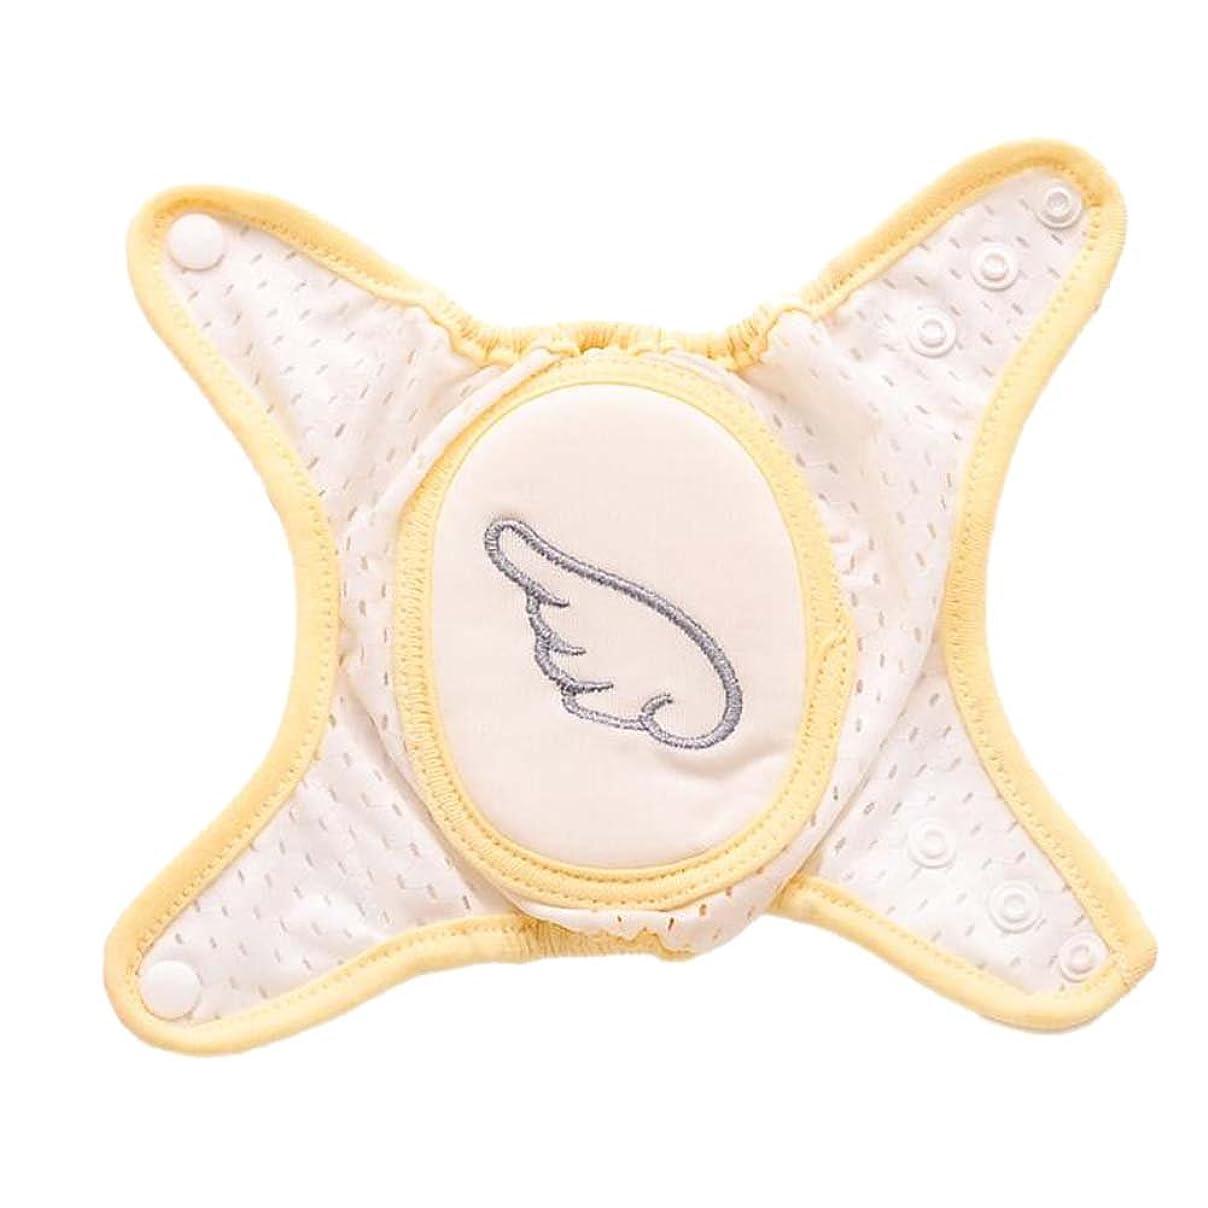 マウスピースネブシンカンアンチ秋の幼児ウォーキングKneepads調整可能な保護パッド#3